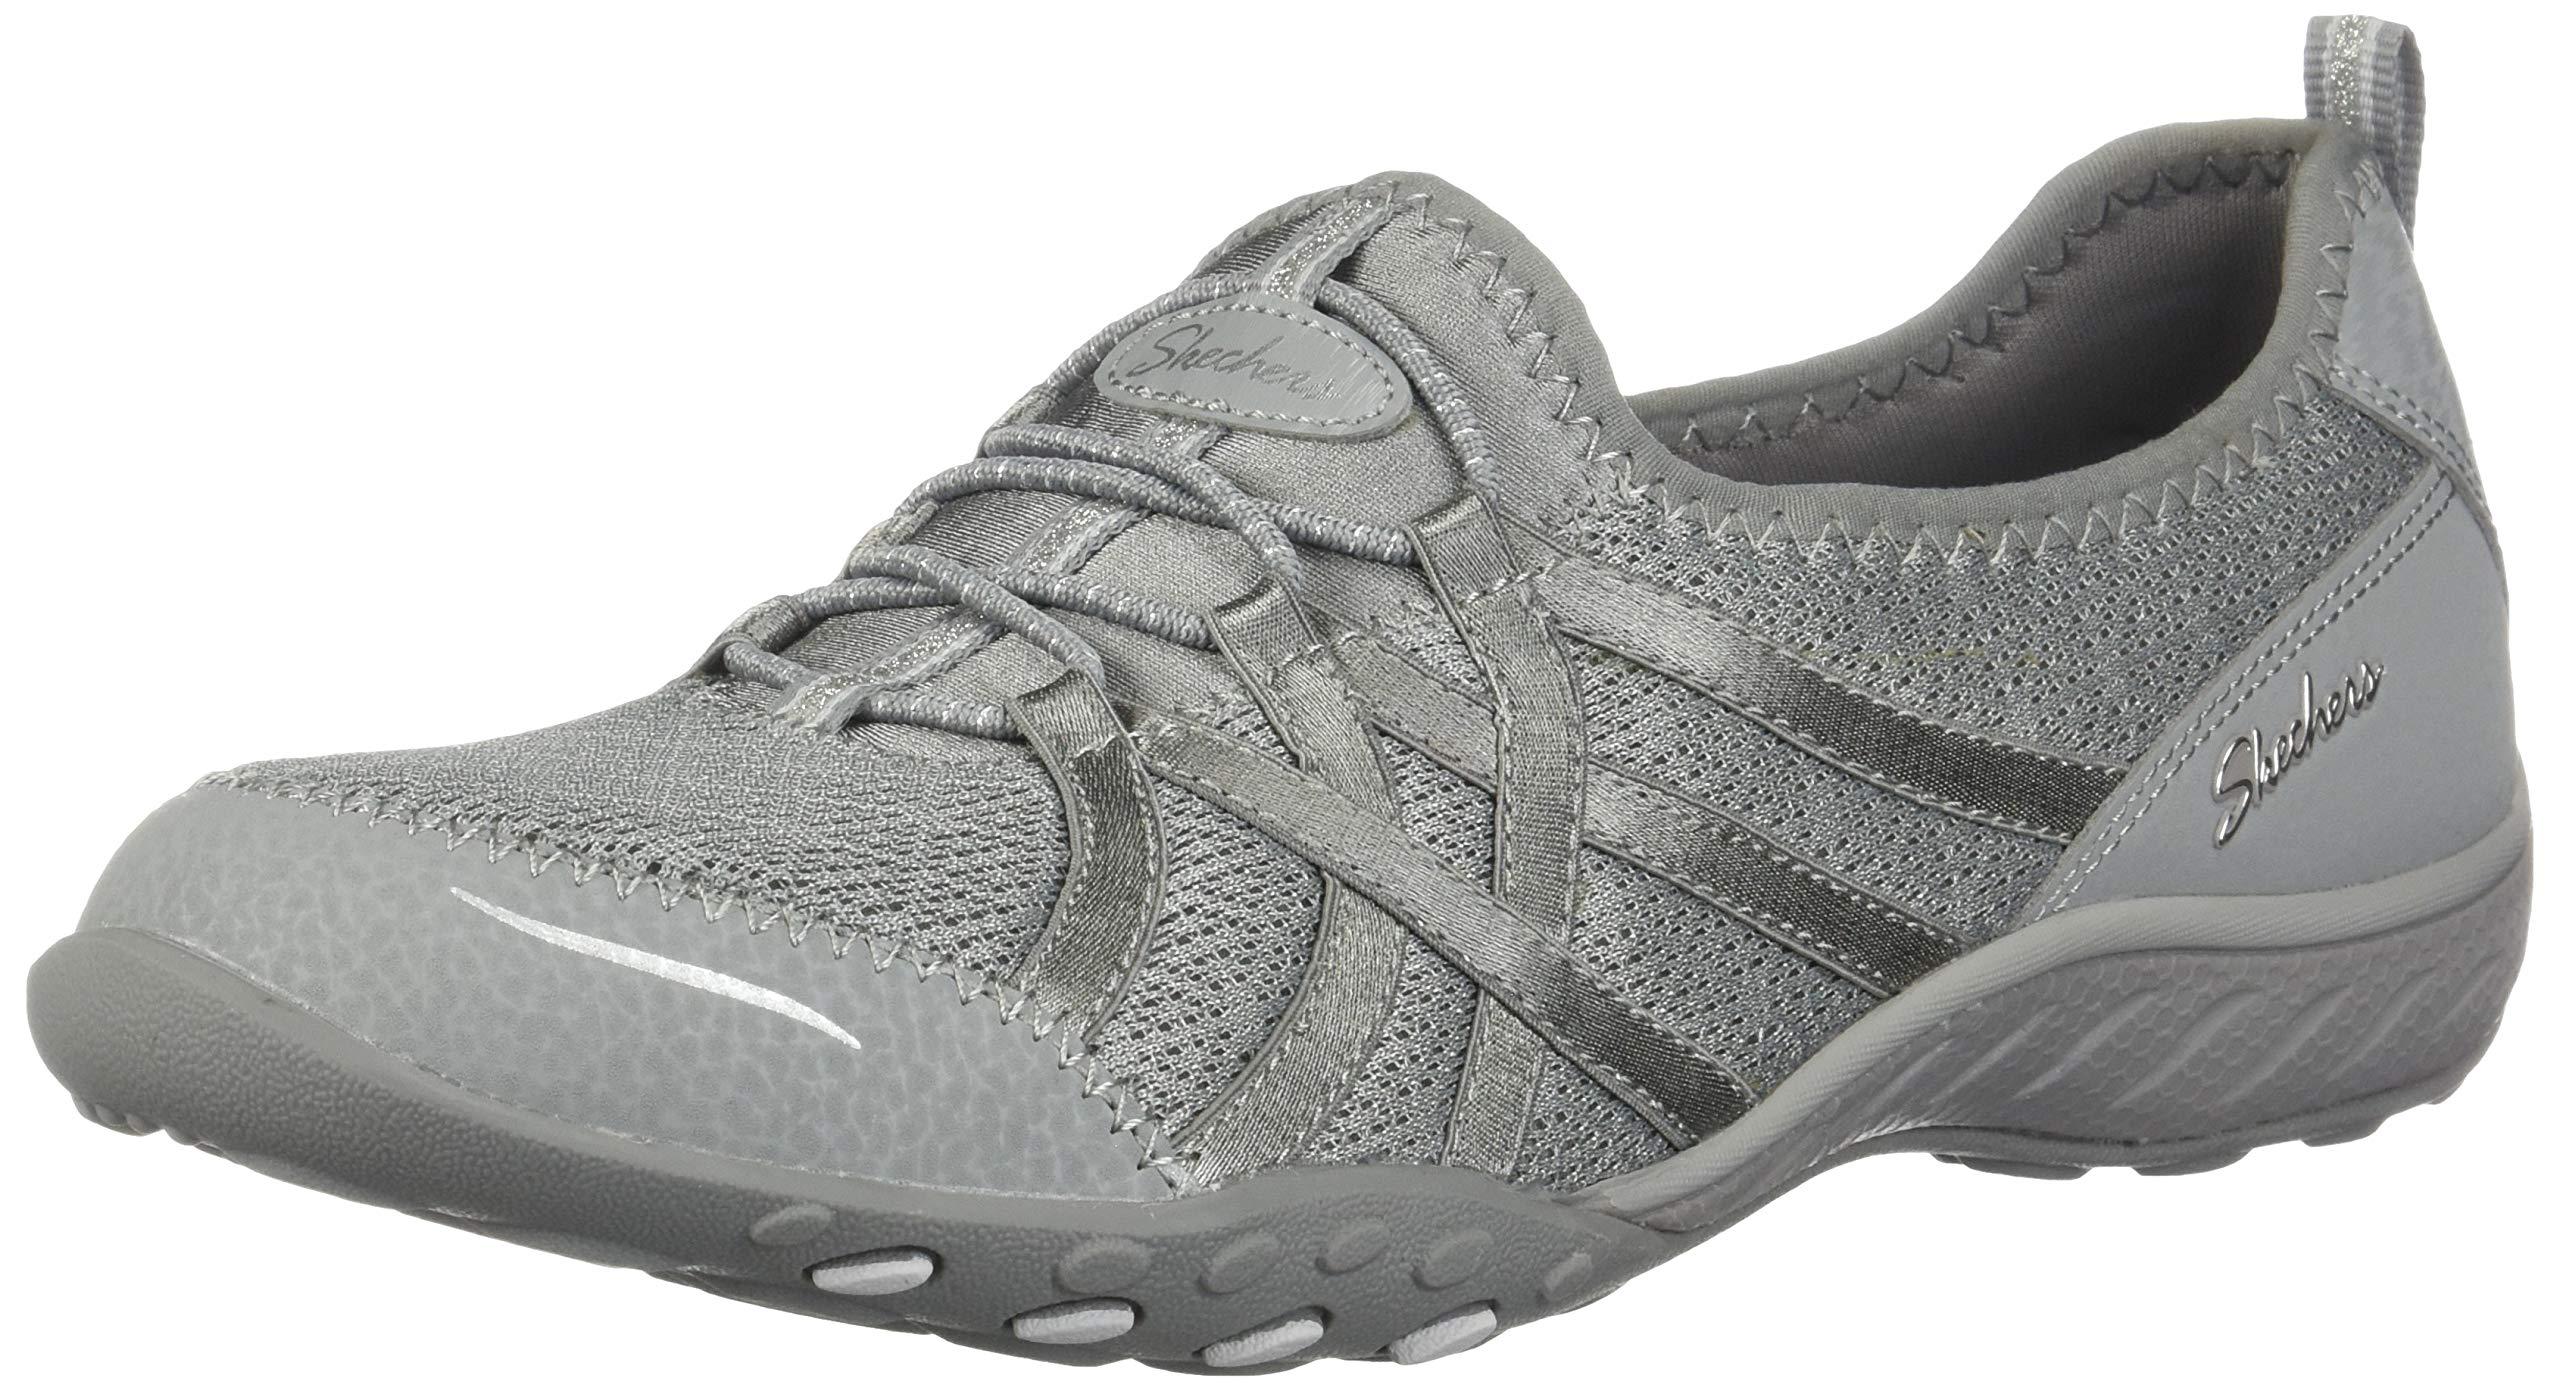 Skechers Women's Breathe Easy-Envy Me Sneaker Grey 5 M US